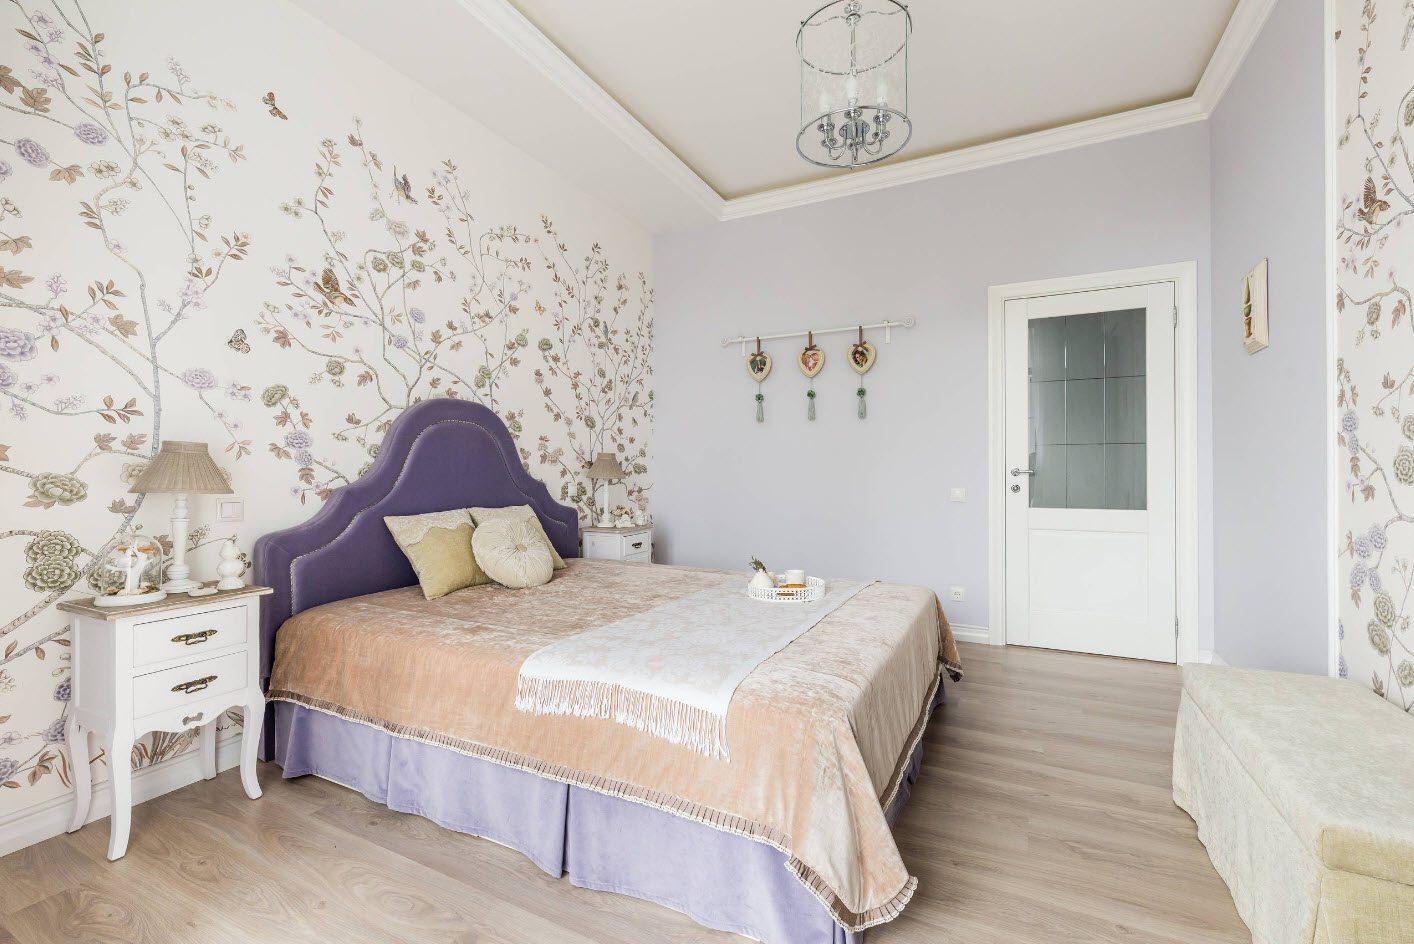 спальня площадью 17 кв м идеи вариантов